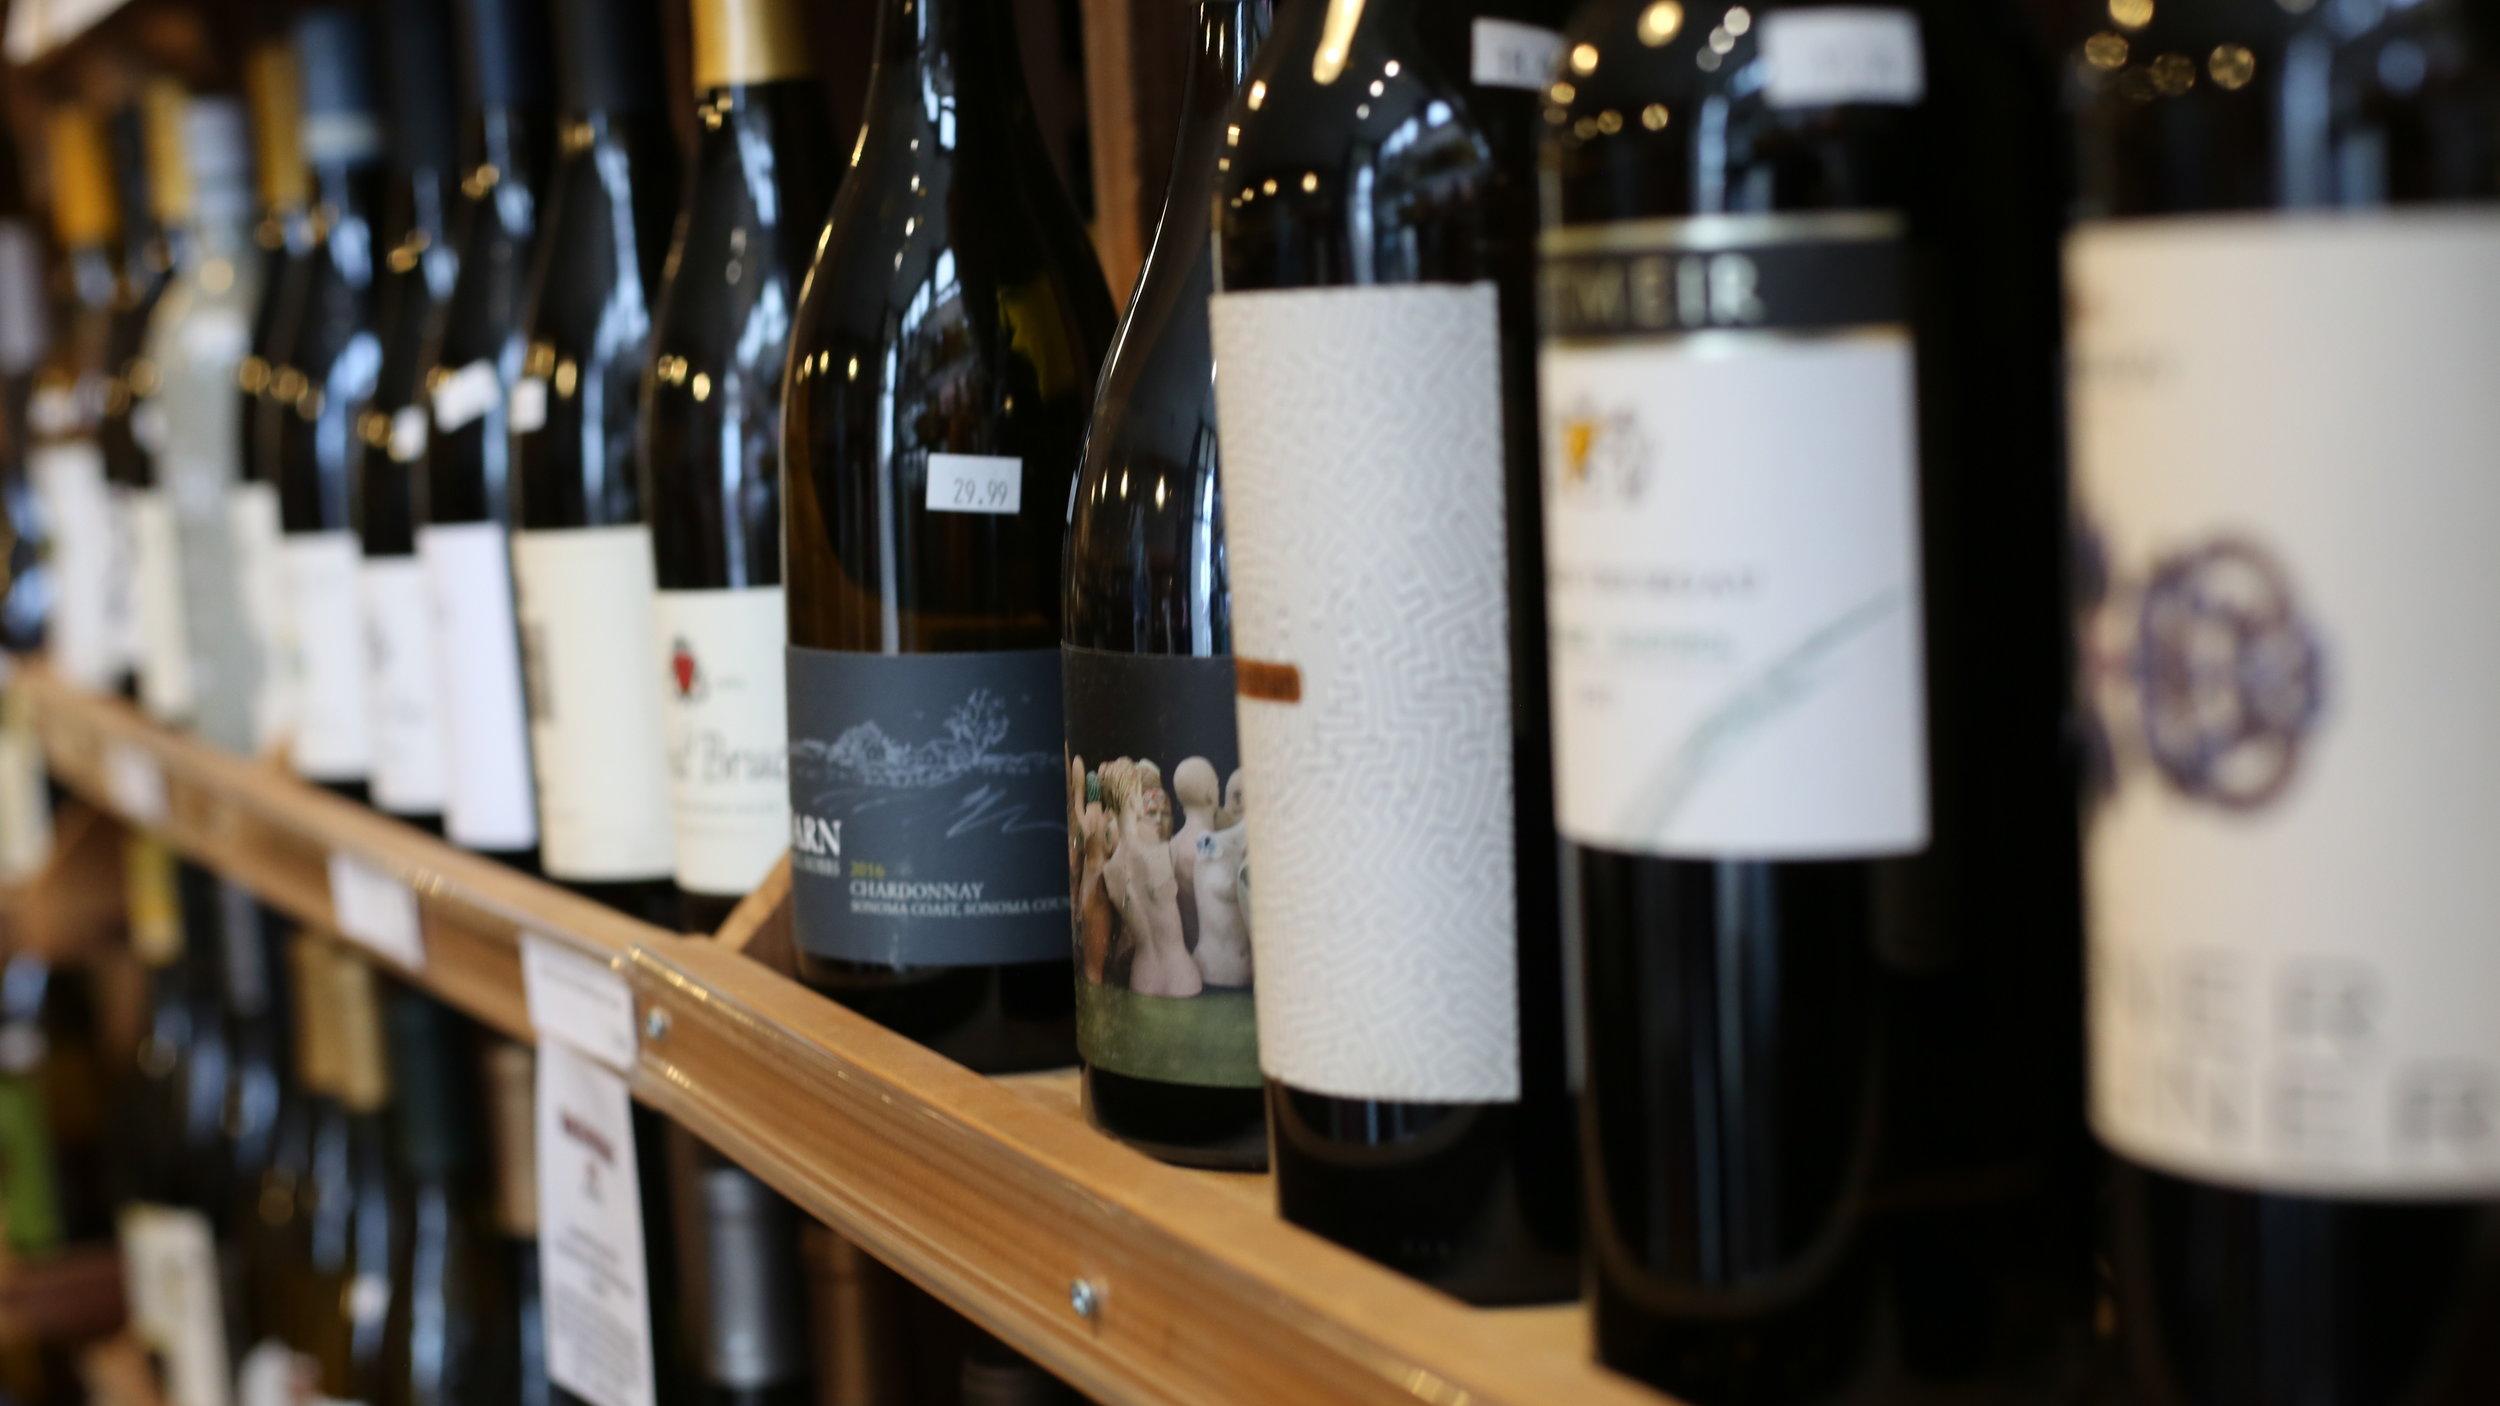 effingham-village-wine-and-spirits-16.jpg